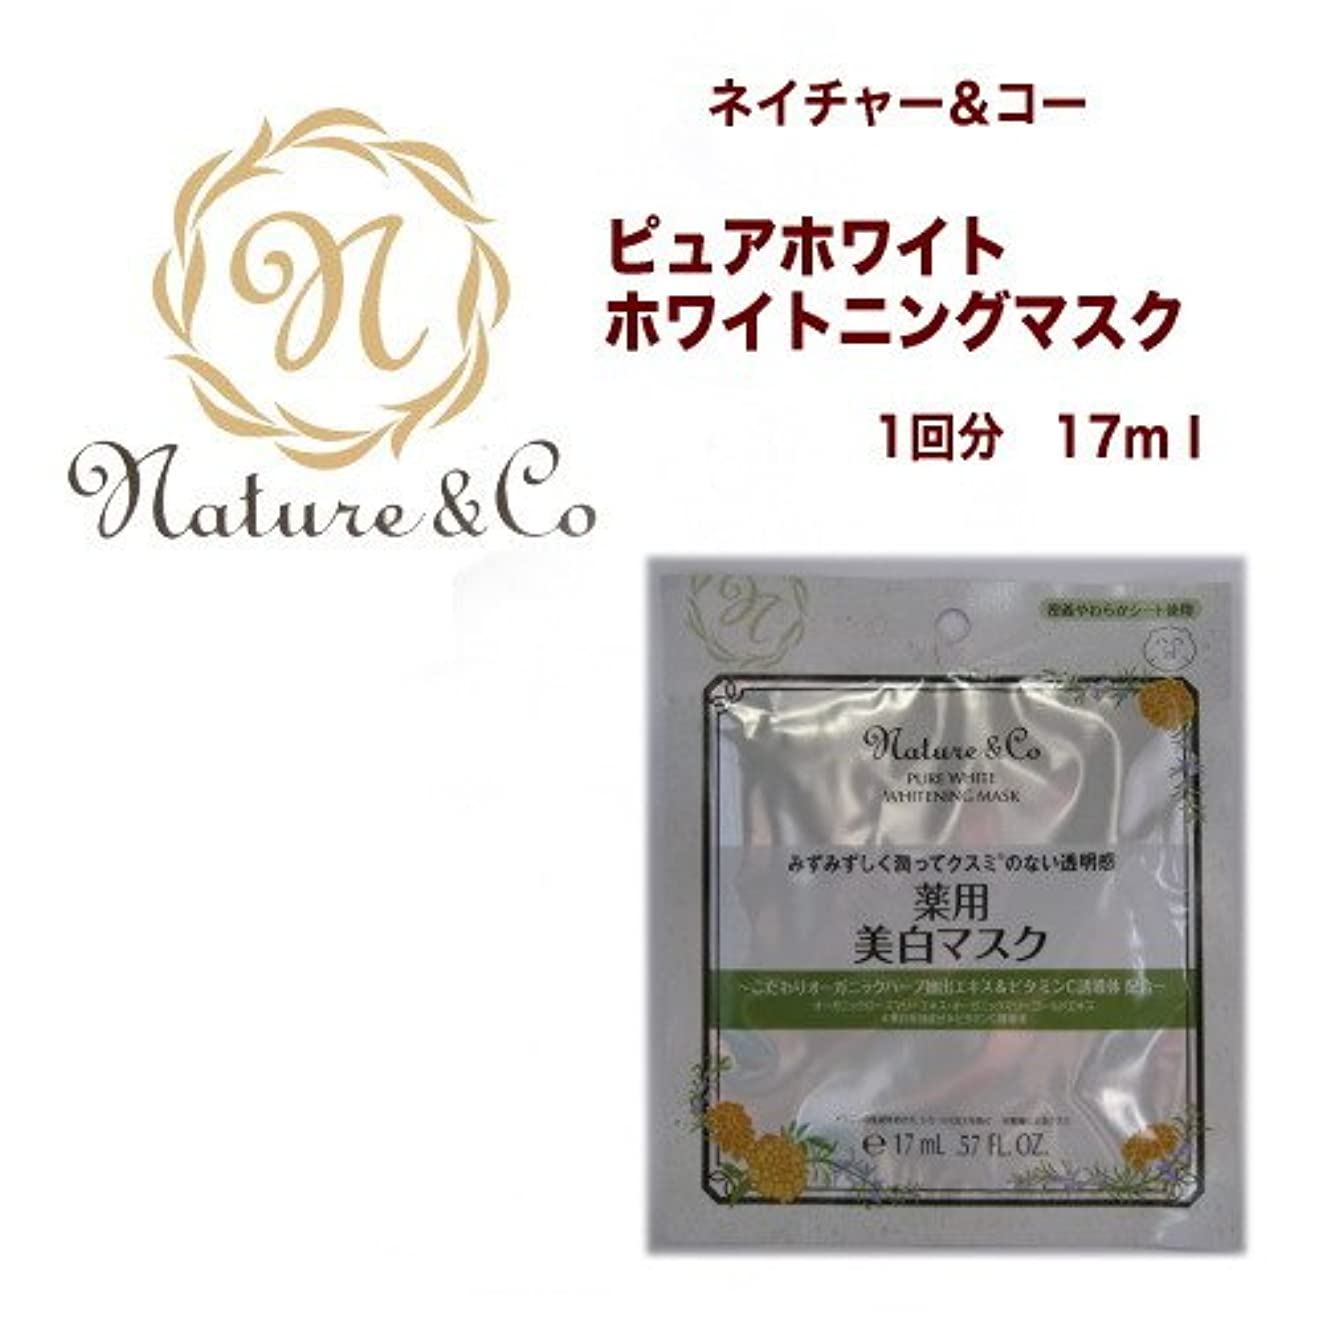 ピクニック認める元のコーセー ネイチャー アンド コー ピュアホワイト ホワイトニングマスク 17ml (医薬部外品)